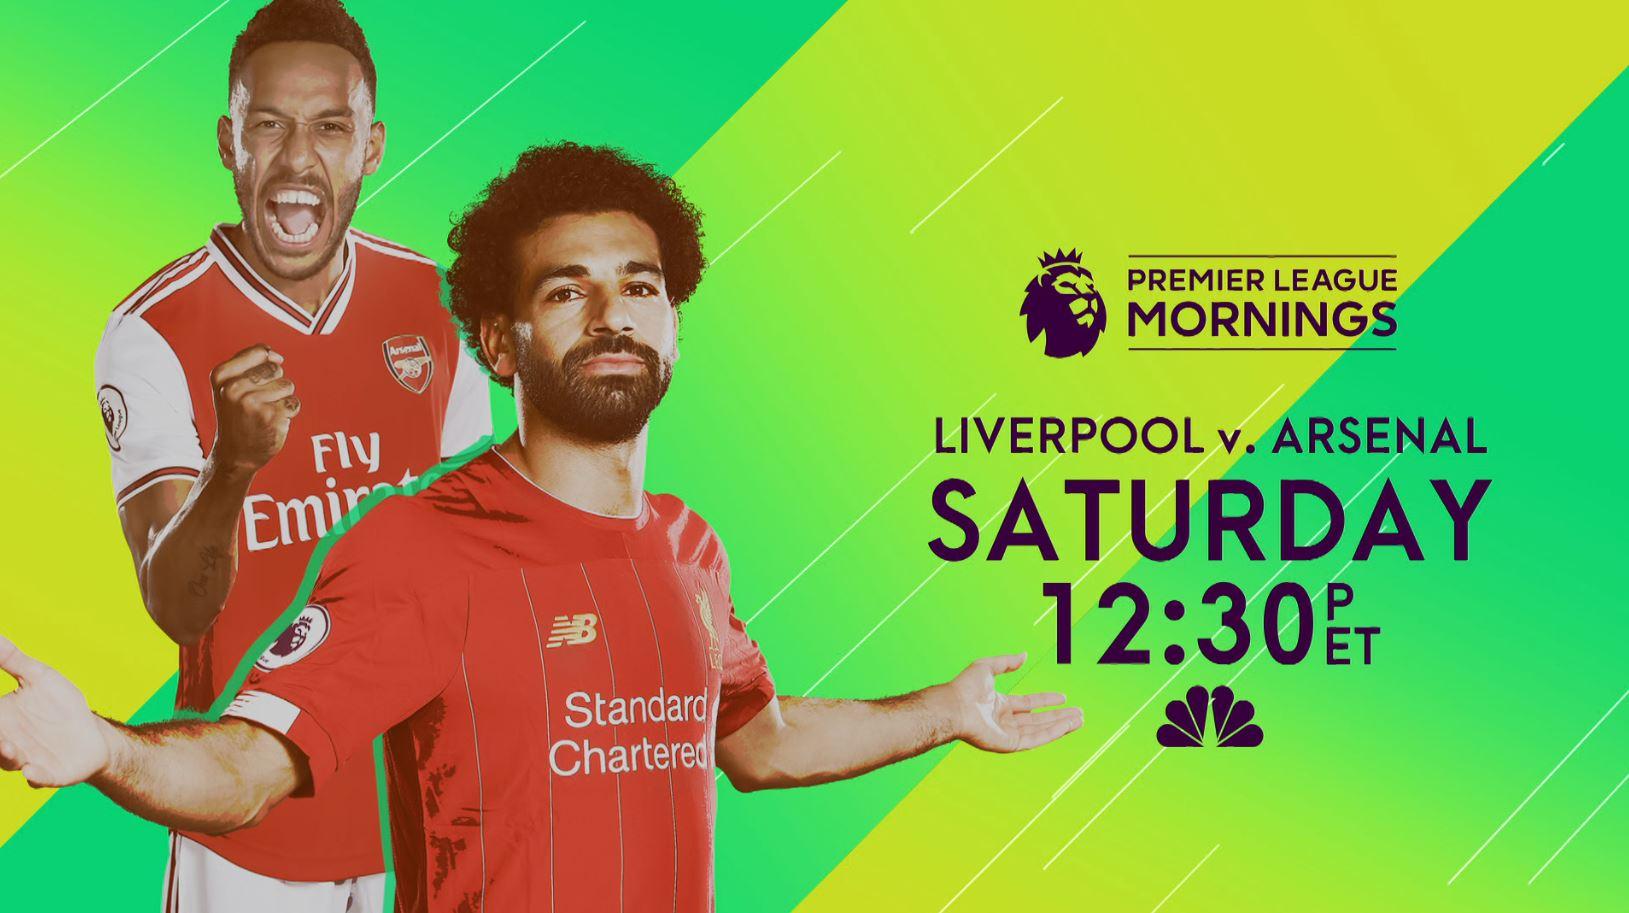 Lịch thi đấu vòng 3 Ngoại hạng Anh 2019/20: Liverpool đấu Arsenal